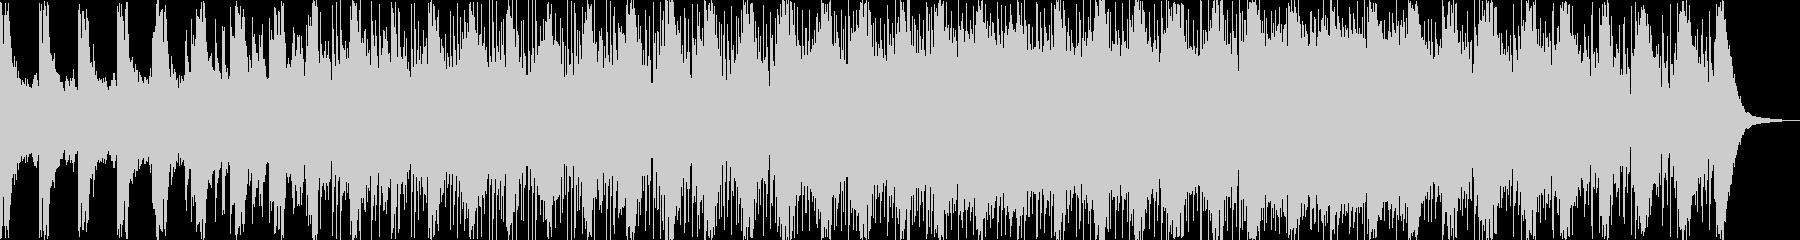 戦闘 シューティング オーケストラBGMの未再生の波形